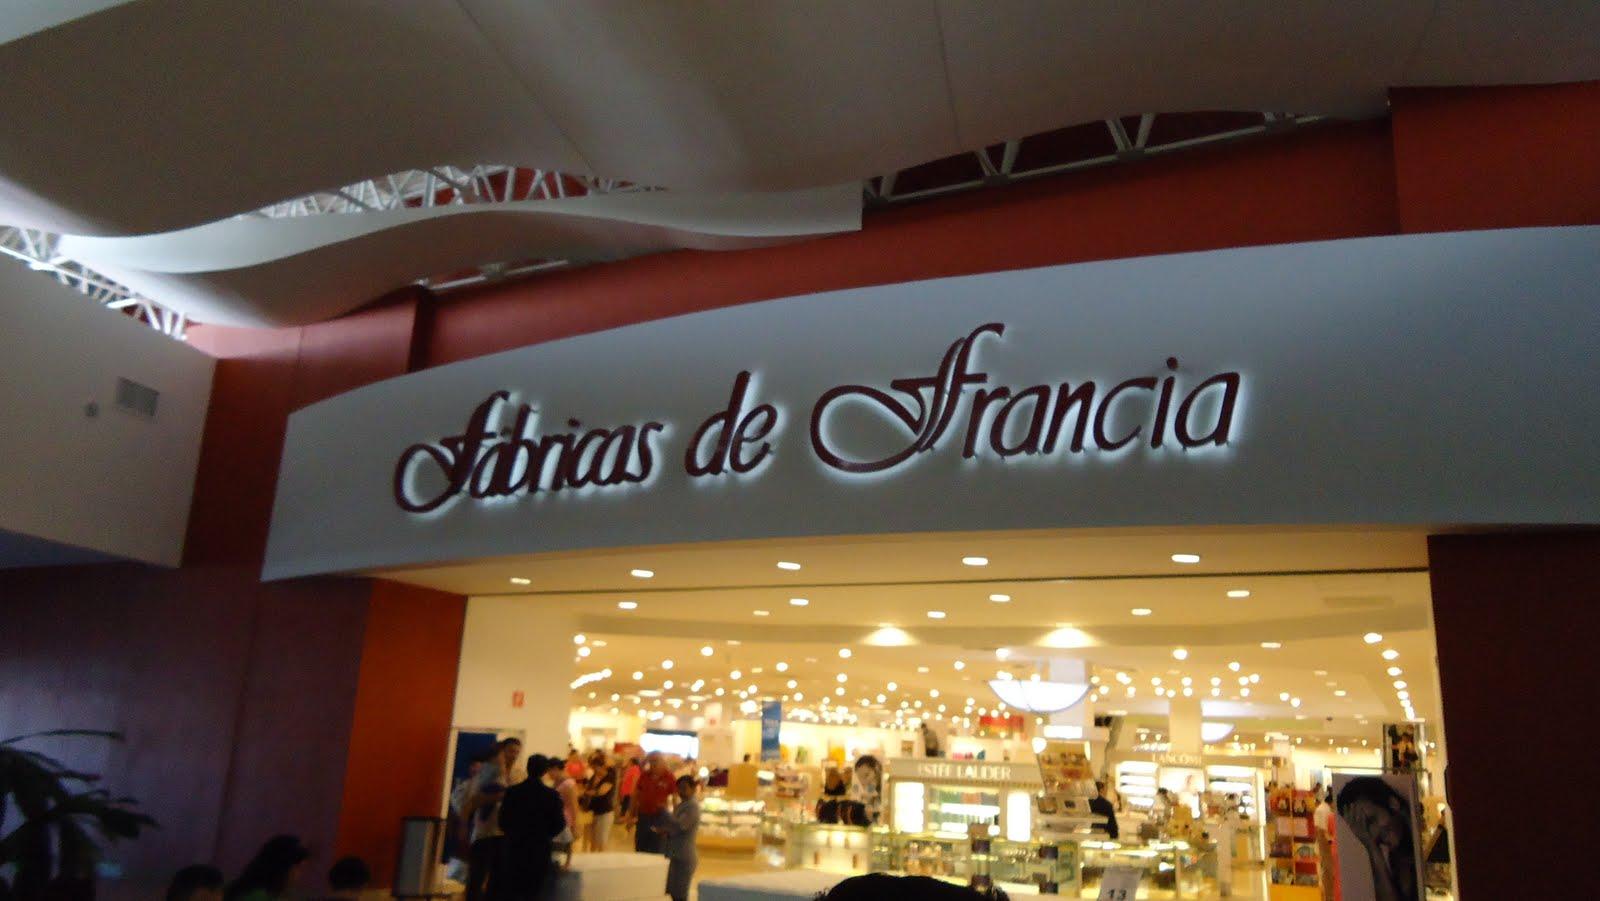 fabricas de francia shop image search results